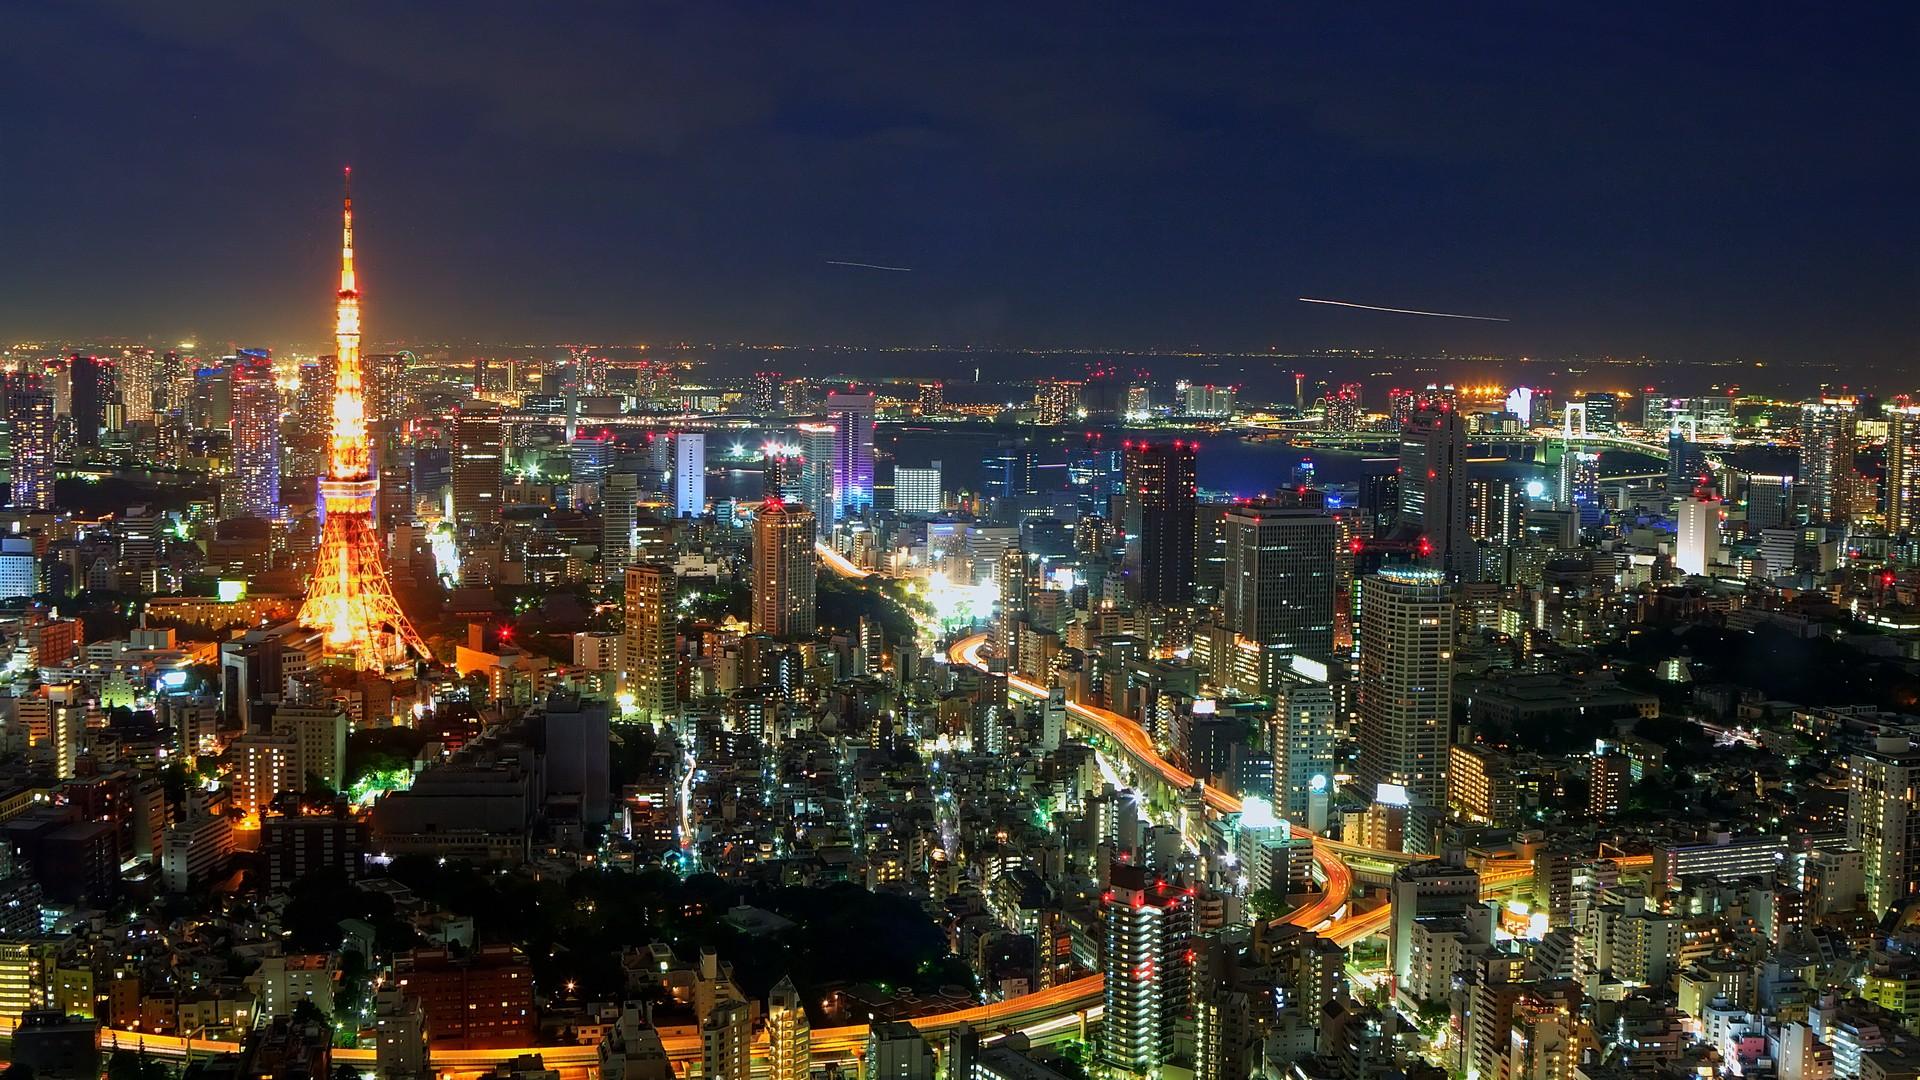 La torre de Tokio tiene 8,6 metros más de altura que la torre Eiffel